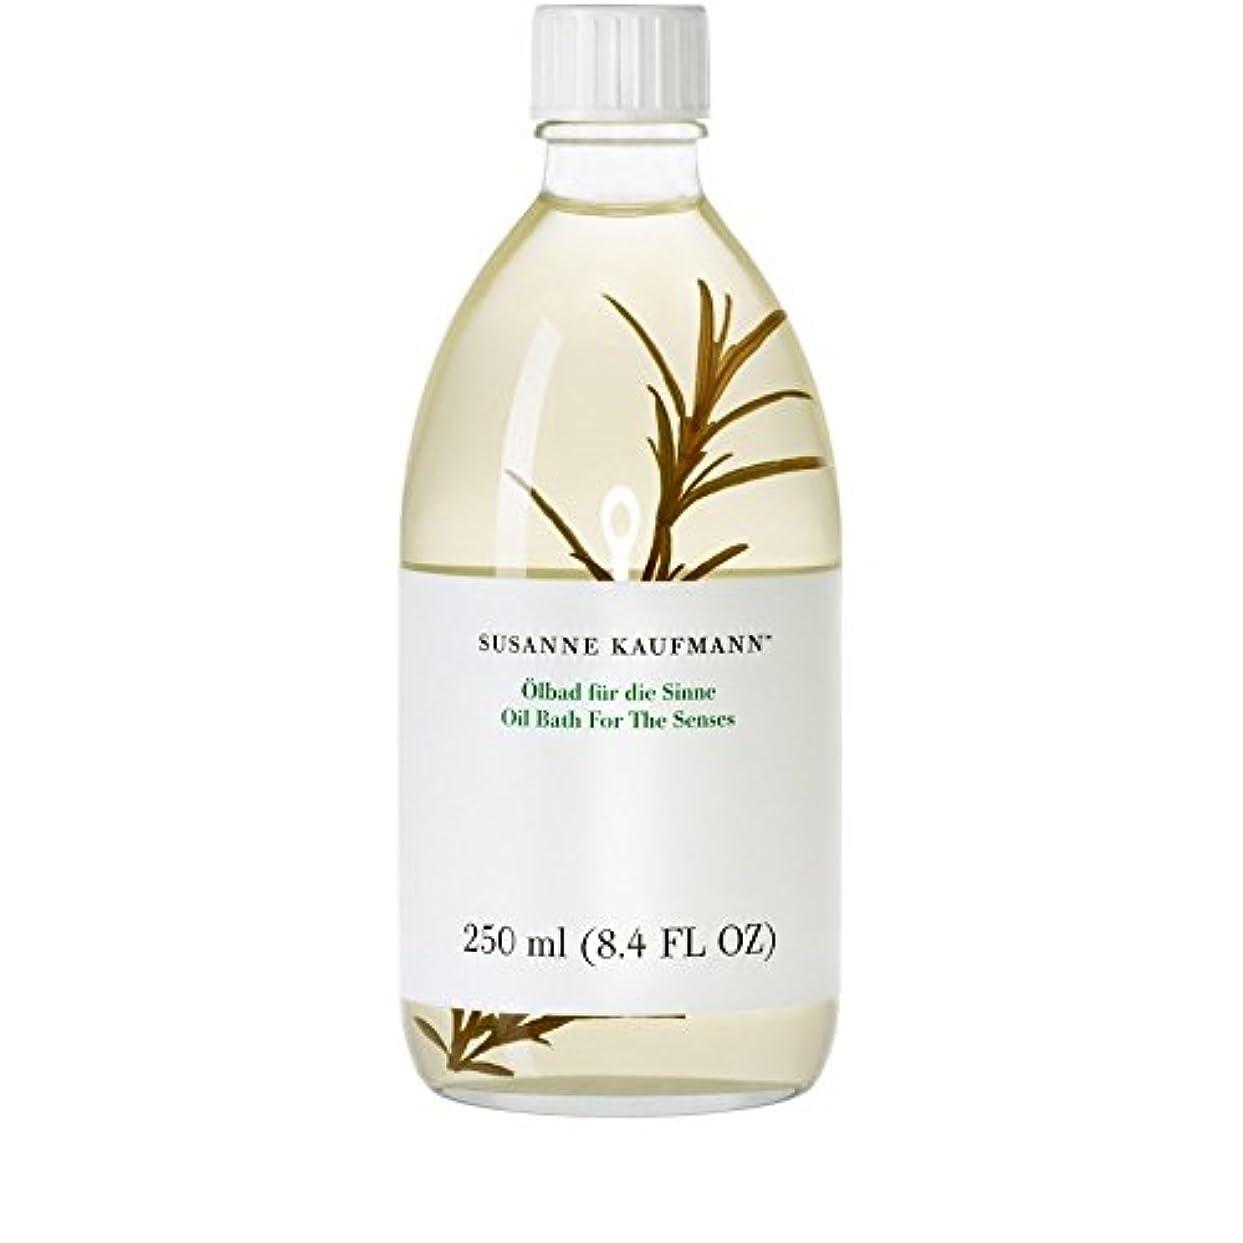 解釈するみぞれ質量Susanne Kaufmann Oil Bath for the Senses 250ml - 250ミリリットルの感覚のためのスザンヌカウフマンオイルバス [並行輸入品]